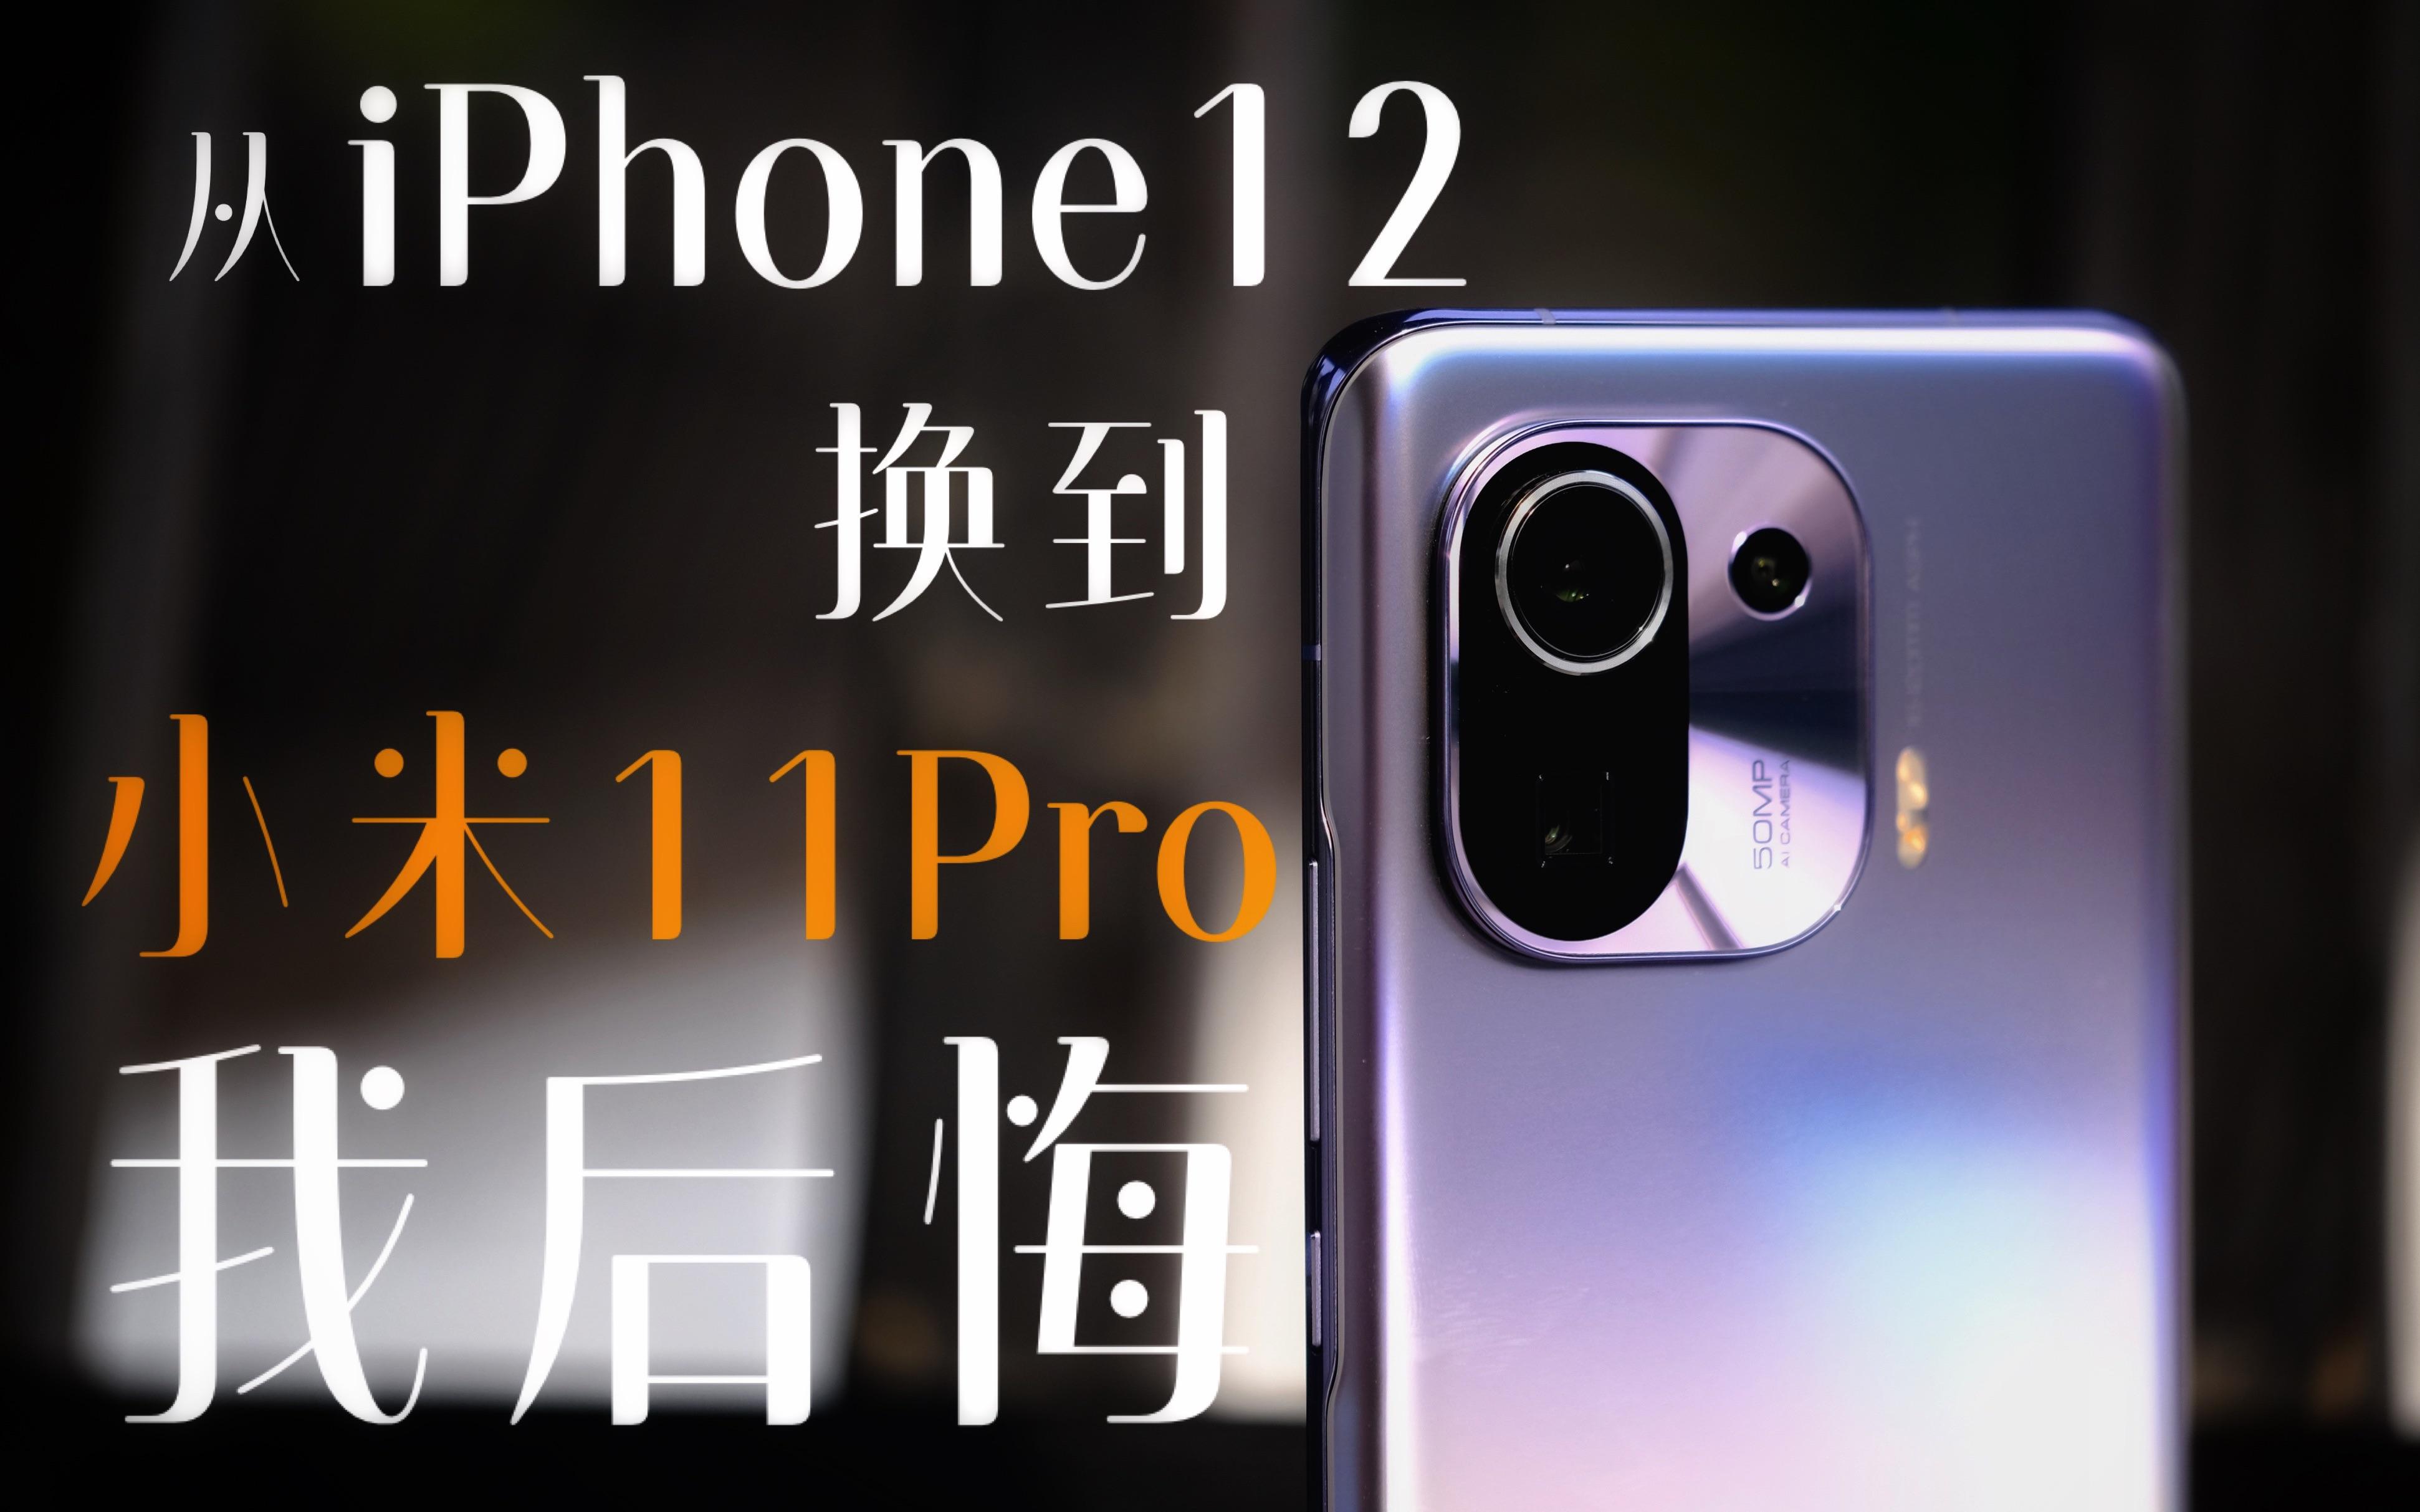 「花生説」从iPhone 12换到小米11 Pro, 我后悔了?